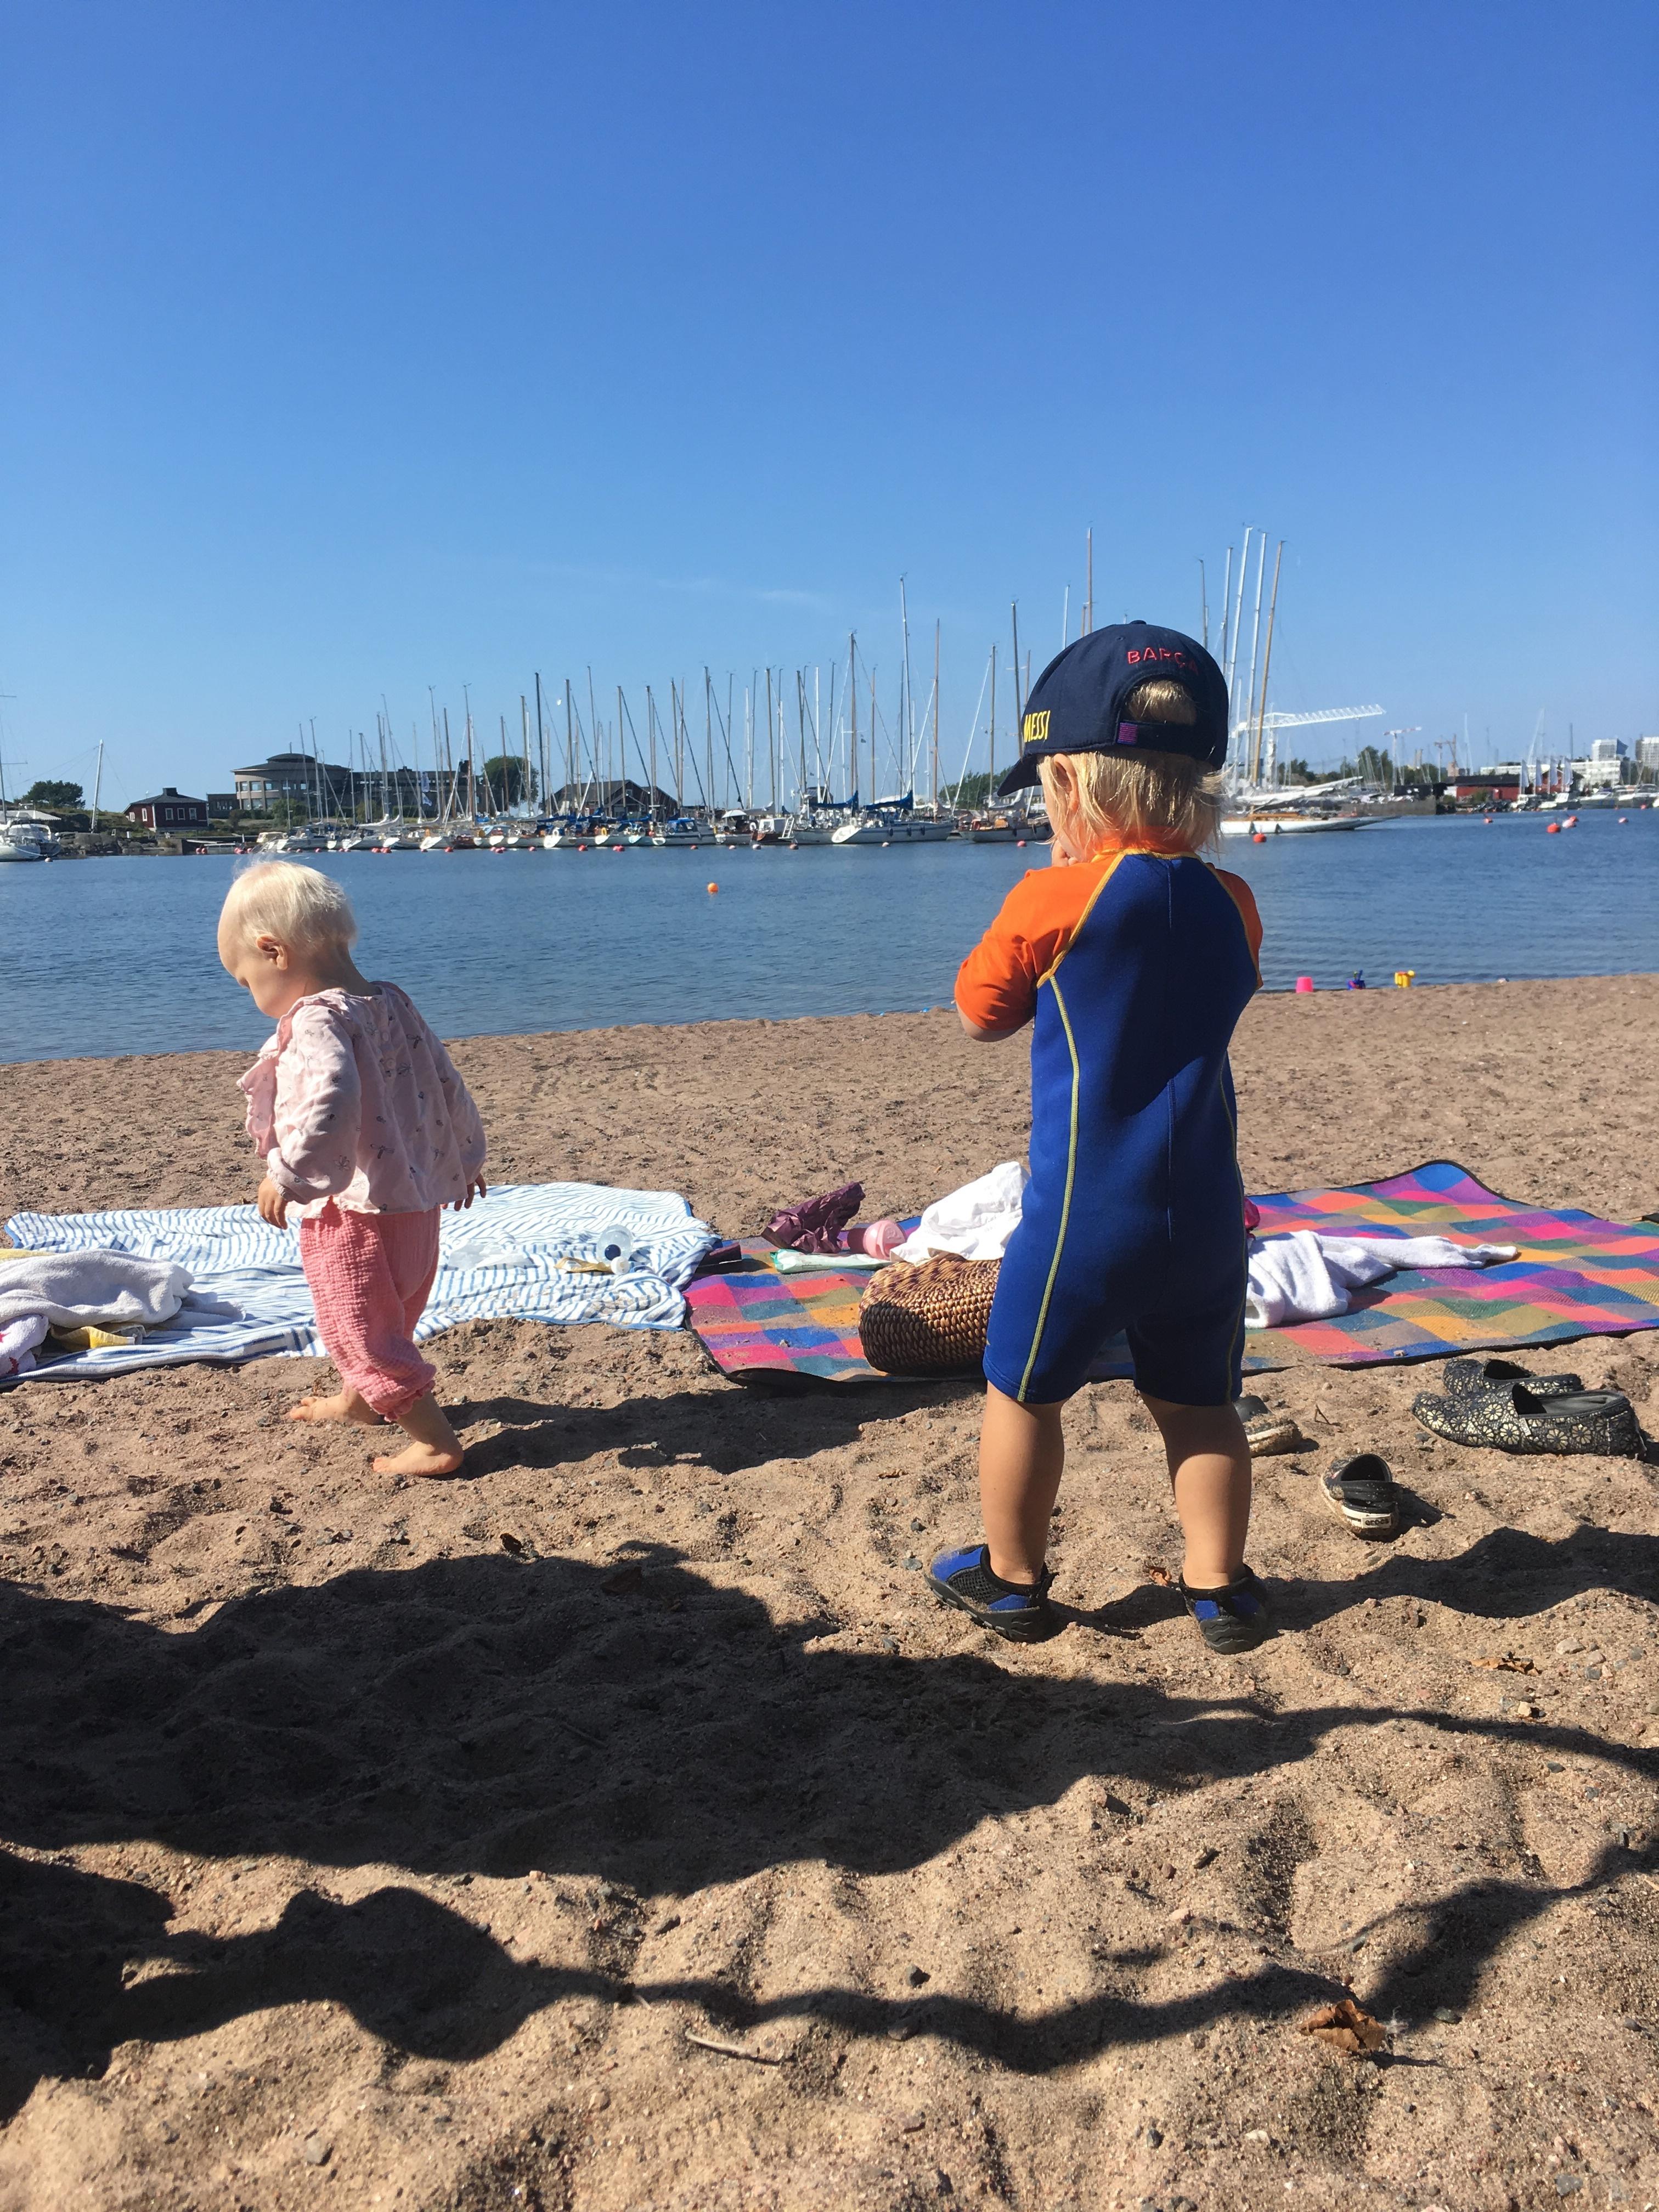 Uunisaaren kävelyreitti esteettömäksi ja uintimahdollisuus paremmaksi